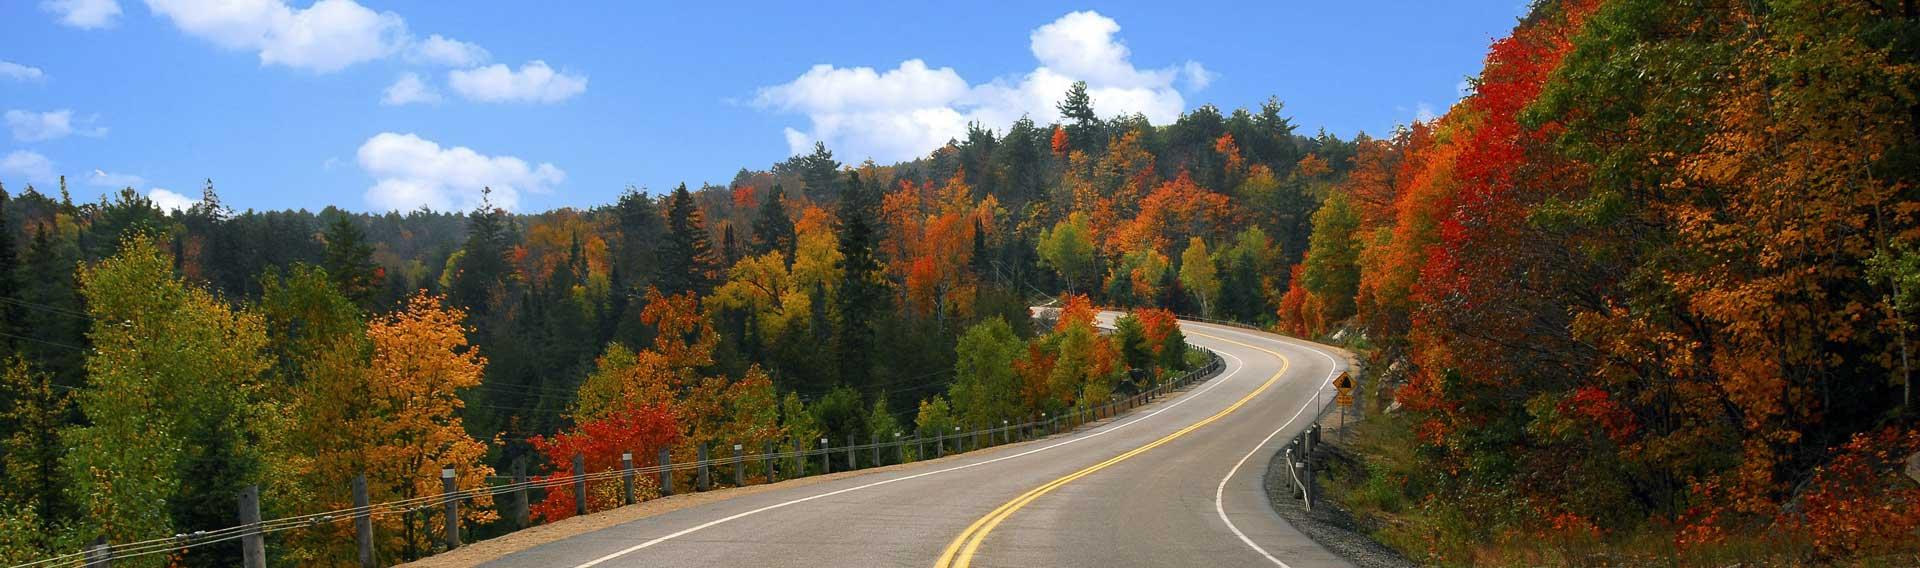 Roadtrip Canada